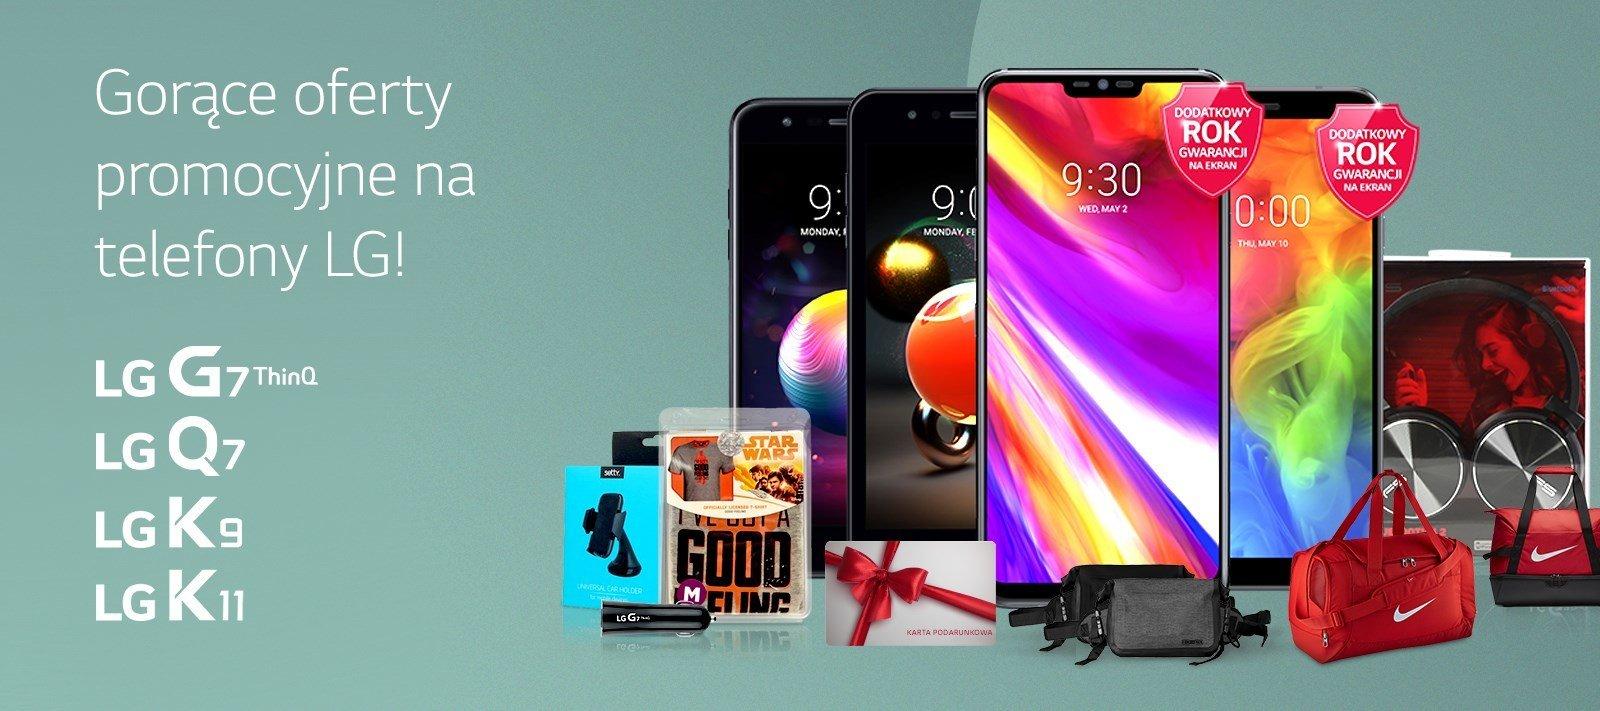 LG wystartowało z gorącymi promocjami najnowszych smartfonów